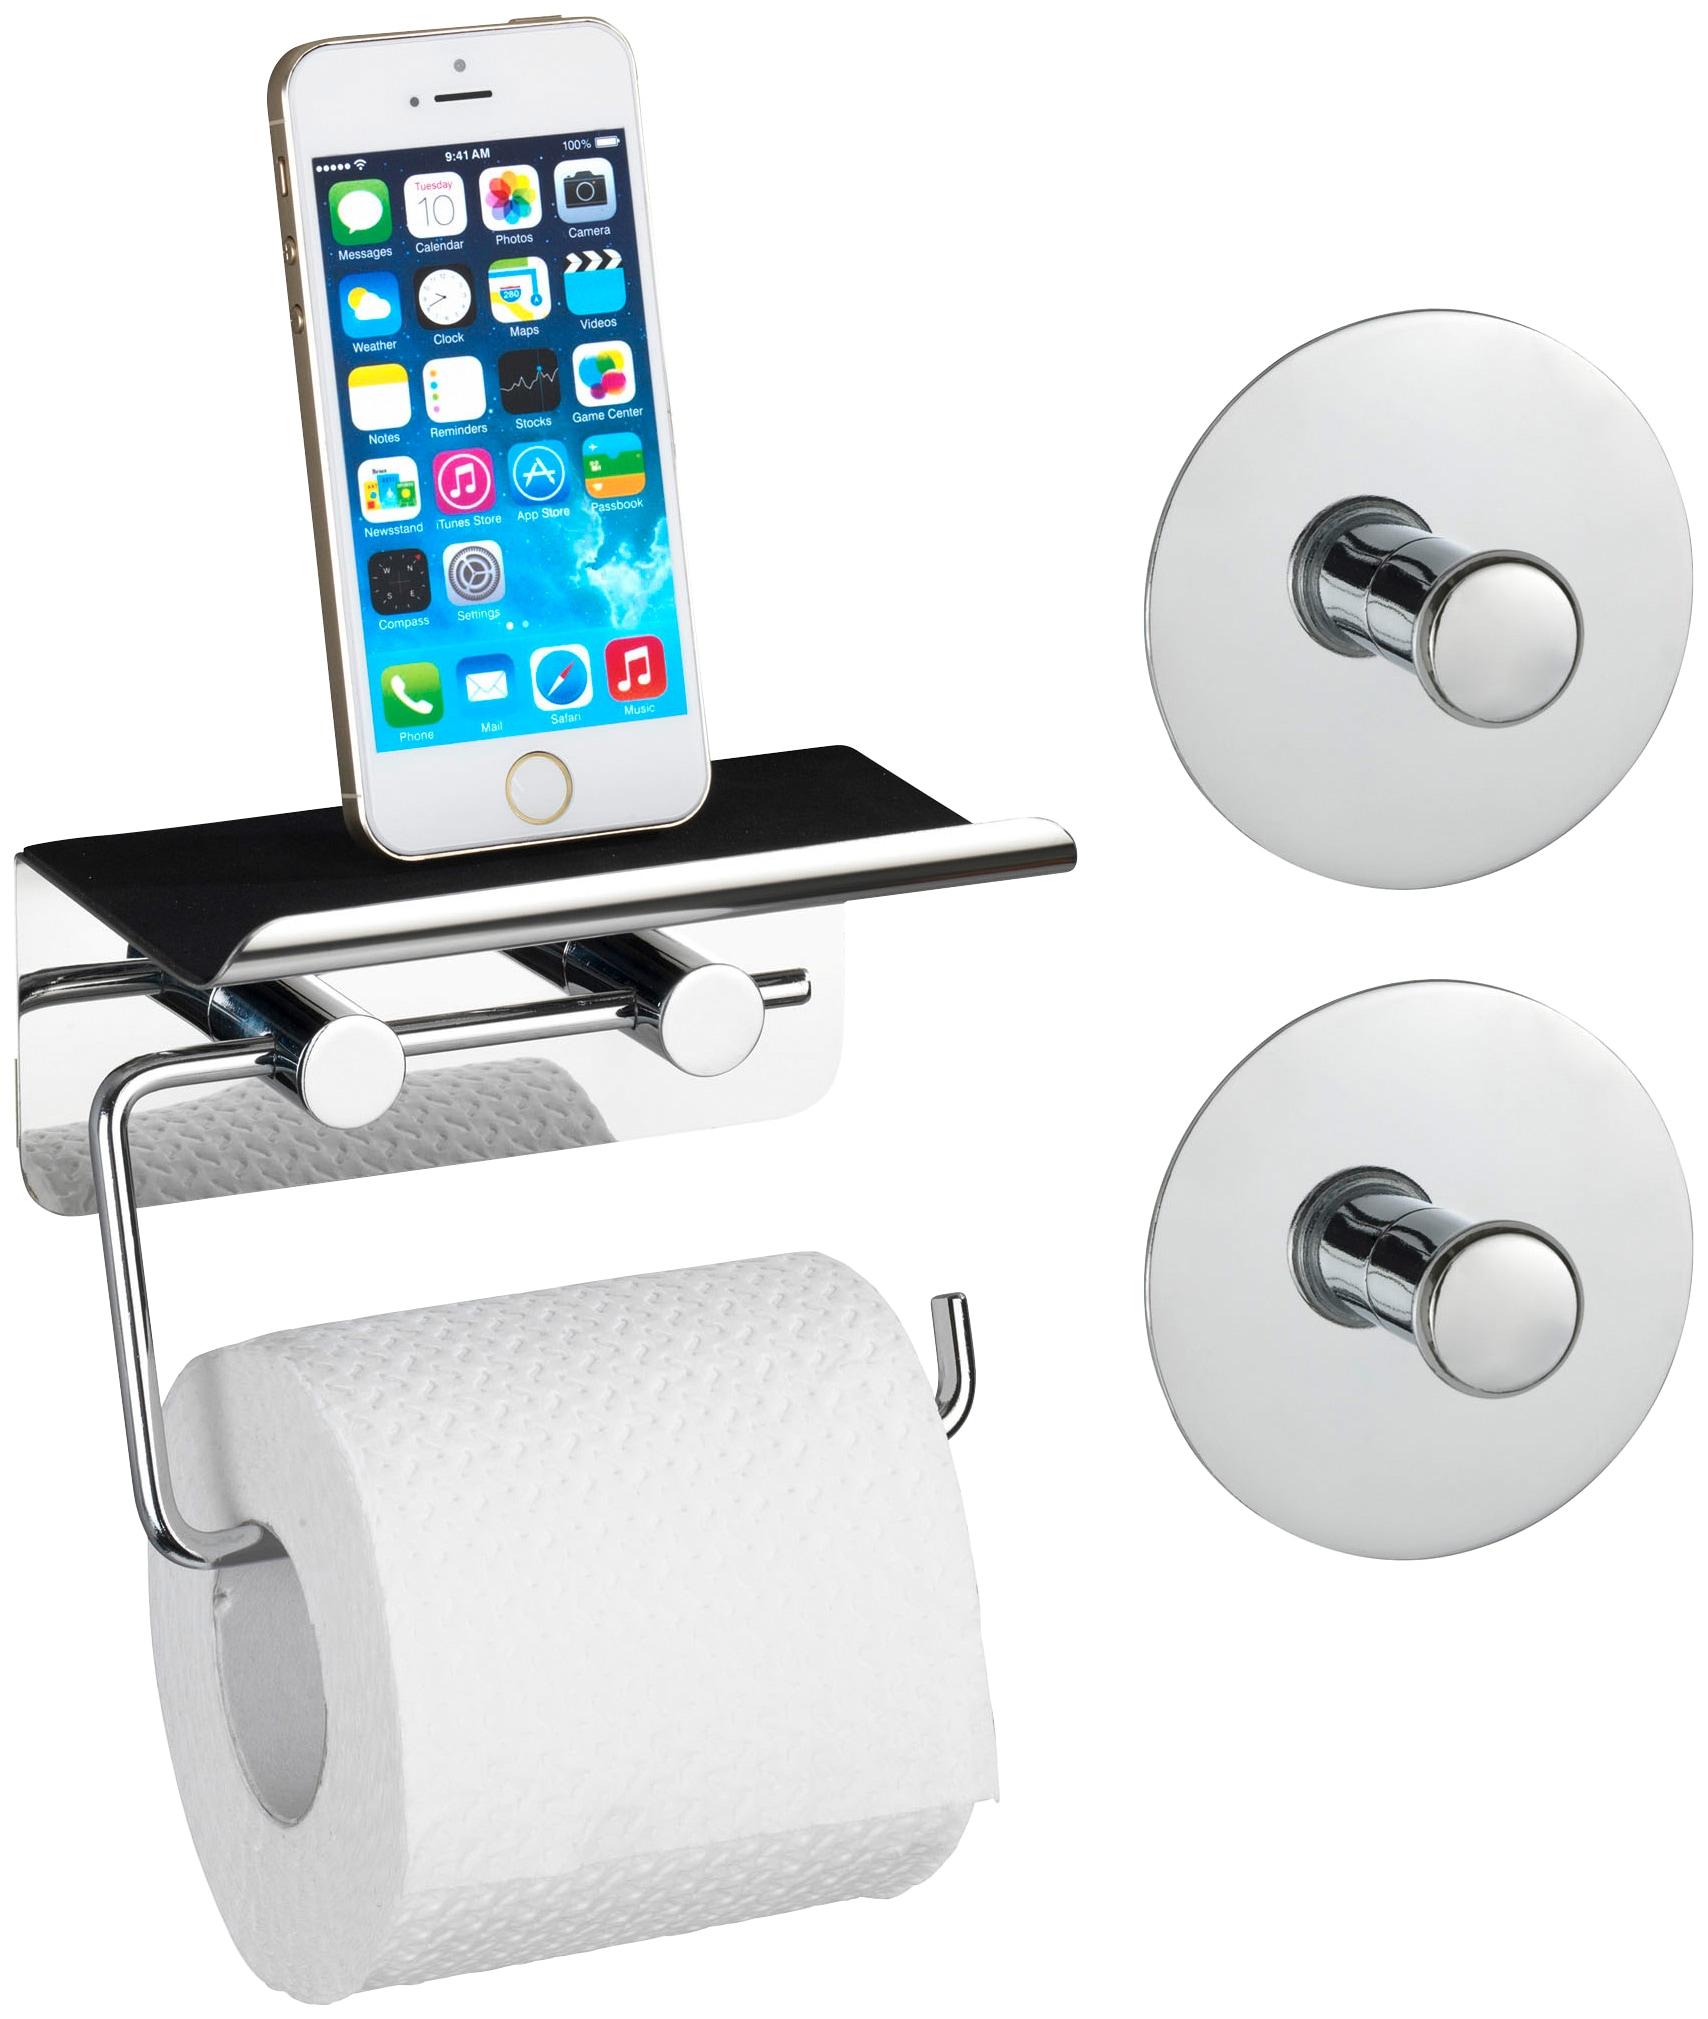 wenko toilettenpapierhalter smart mit smartphone ablage. Black Bedroom Furniture Sets. Home Design Ideas